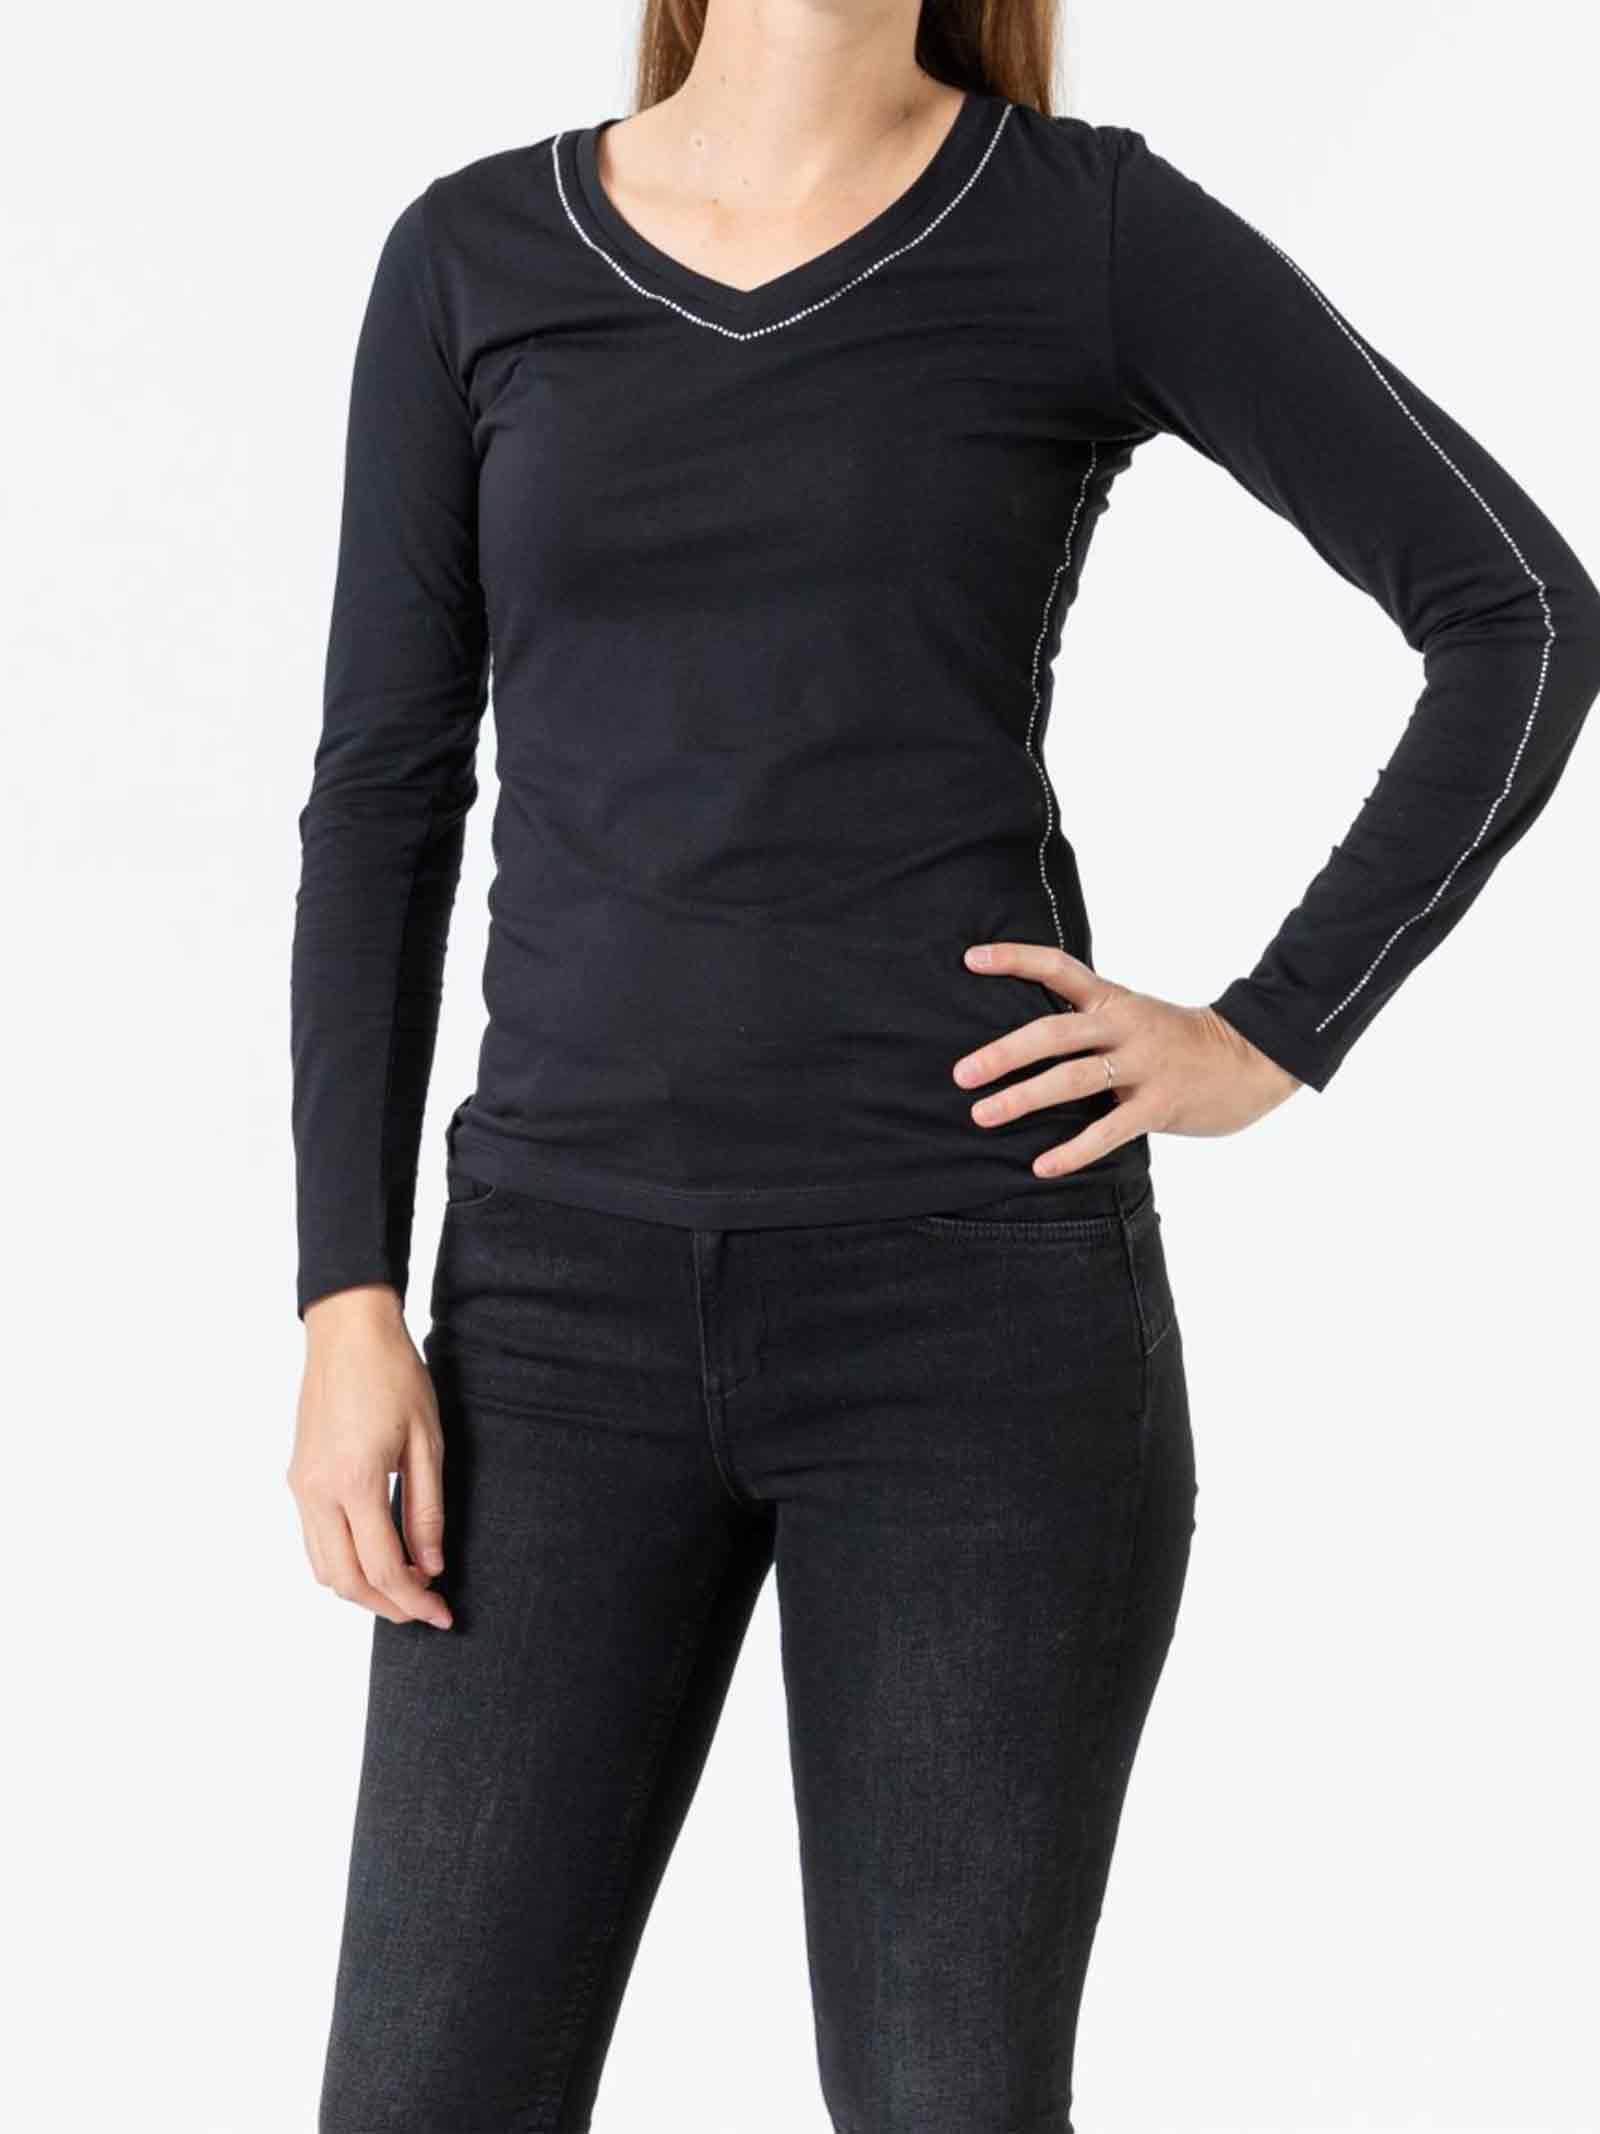 T-SHIRT LIU JO LIU JO   T-shirt   TF0092-J604222222